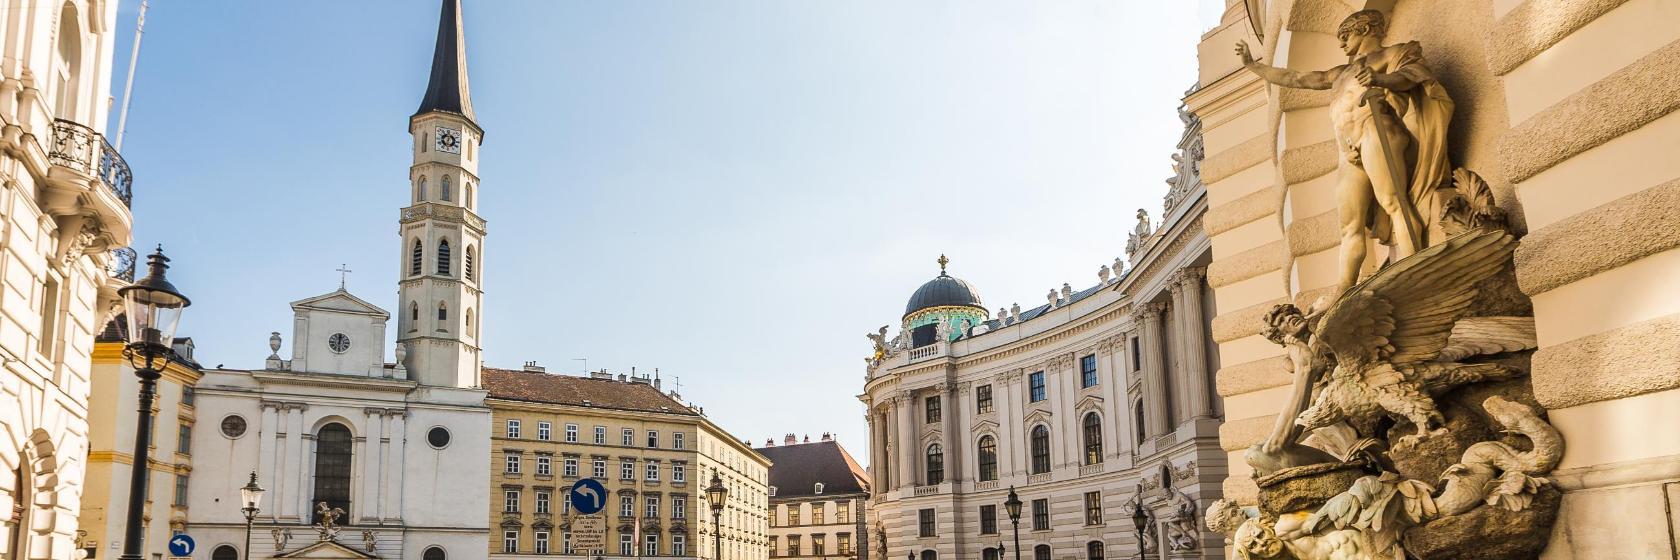 01. Innere Stadt, Vienna Hotels